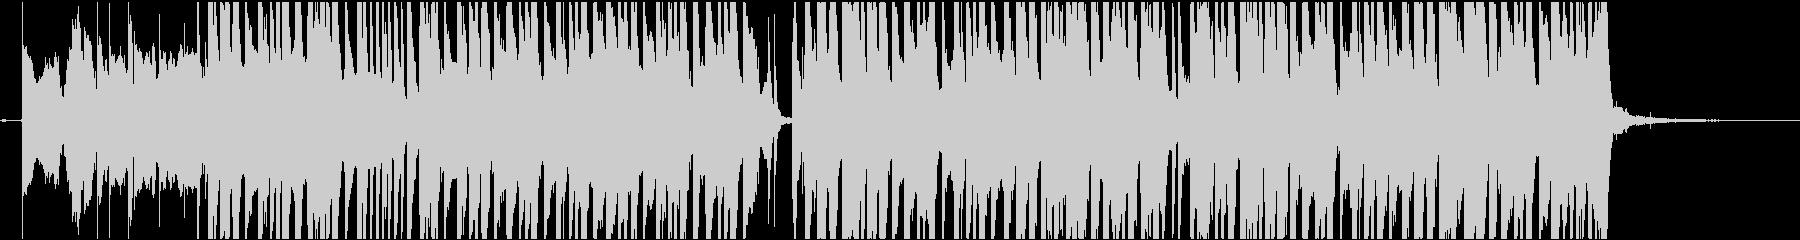 エキゾチックなレゲエBGMの未再生の波形